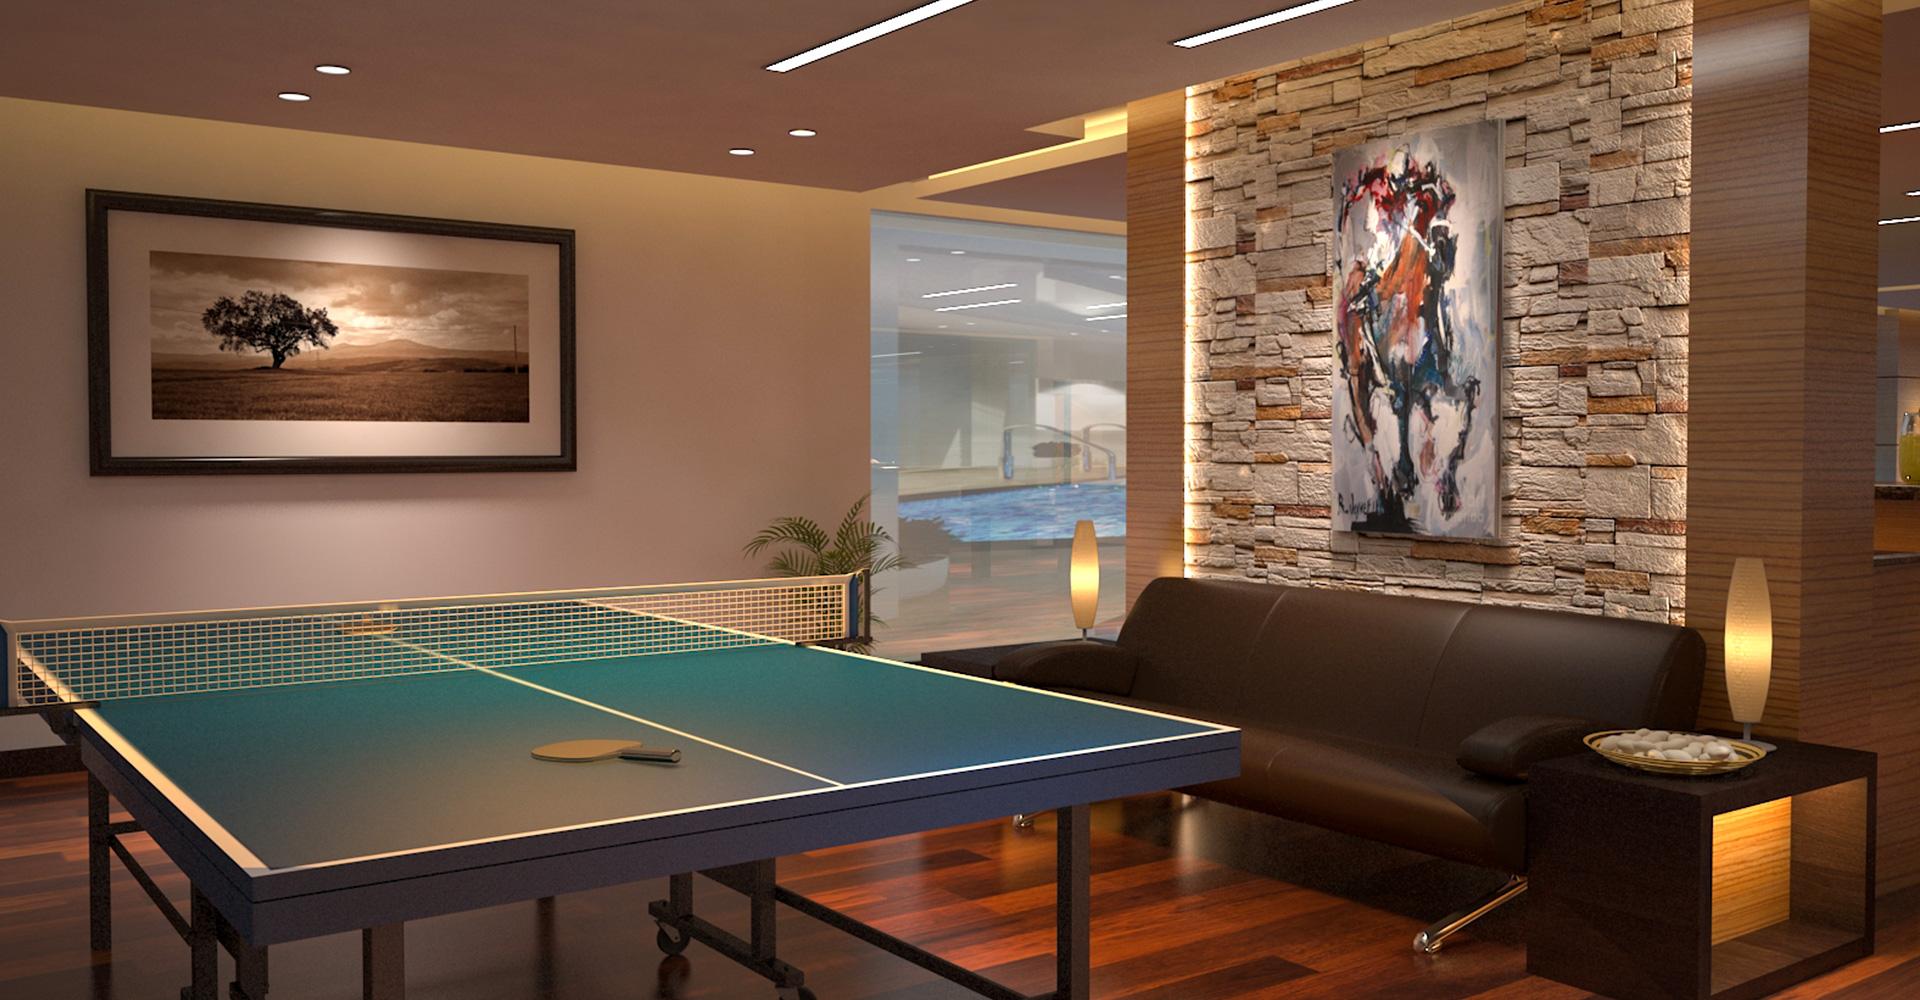 Residential-Interior-Design-Hiline-Lahore-portfolio-65J-DHA-EME-05 (50)